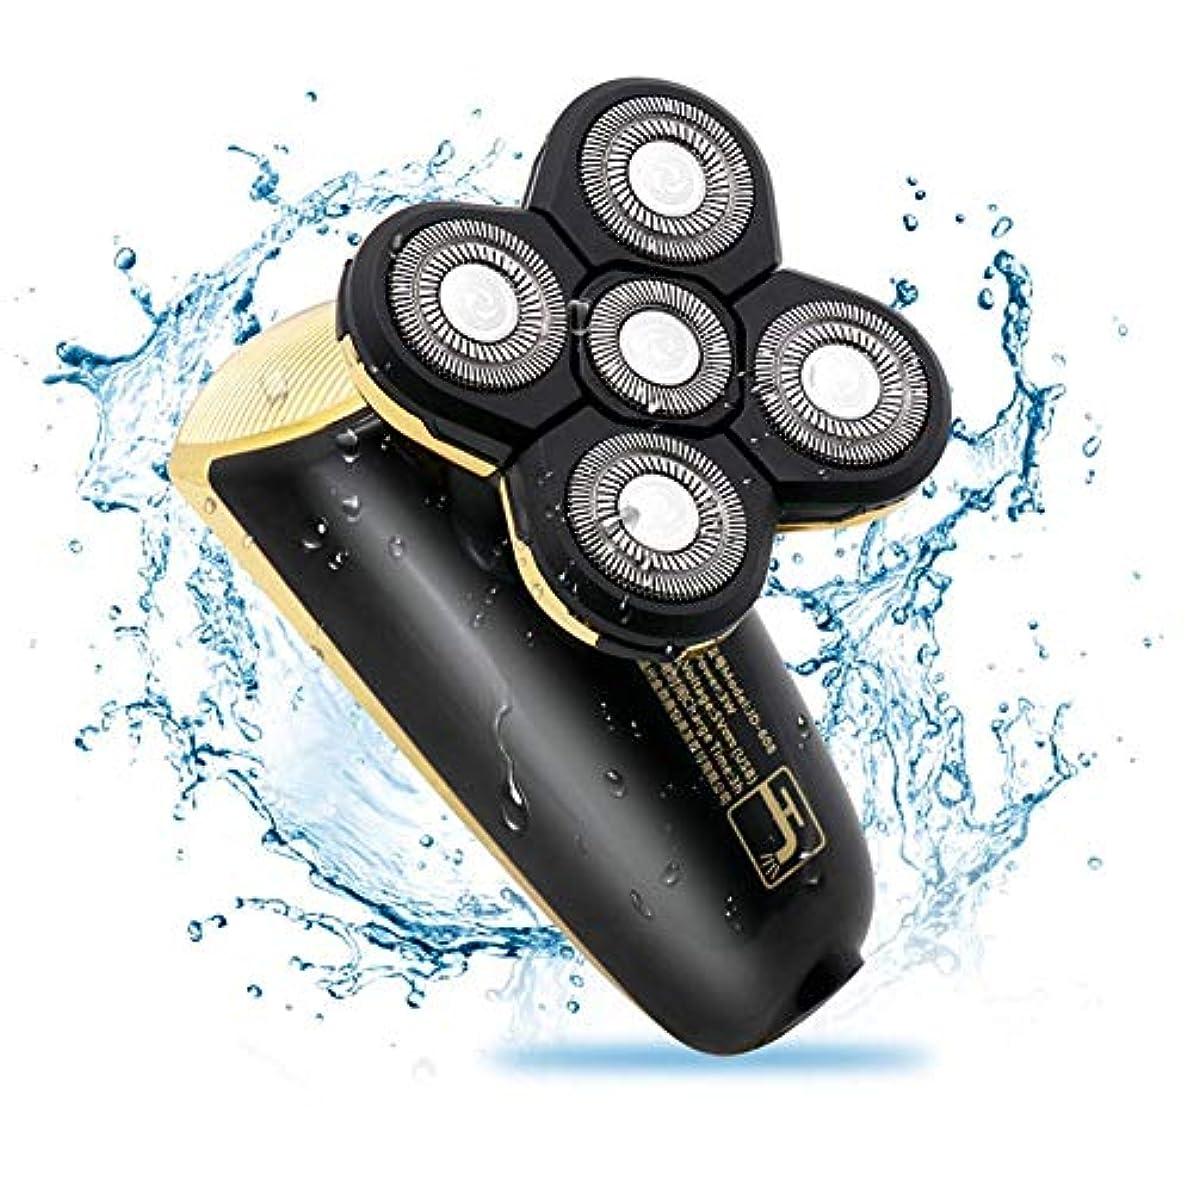 5D電気ウェットドライロータリーシェーバーメンズ防水カミソリ、ひげトリマー用5フローティングヘッド、コードレスUSB充電式セキュリティロックモード